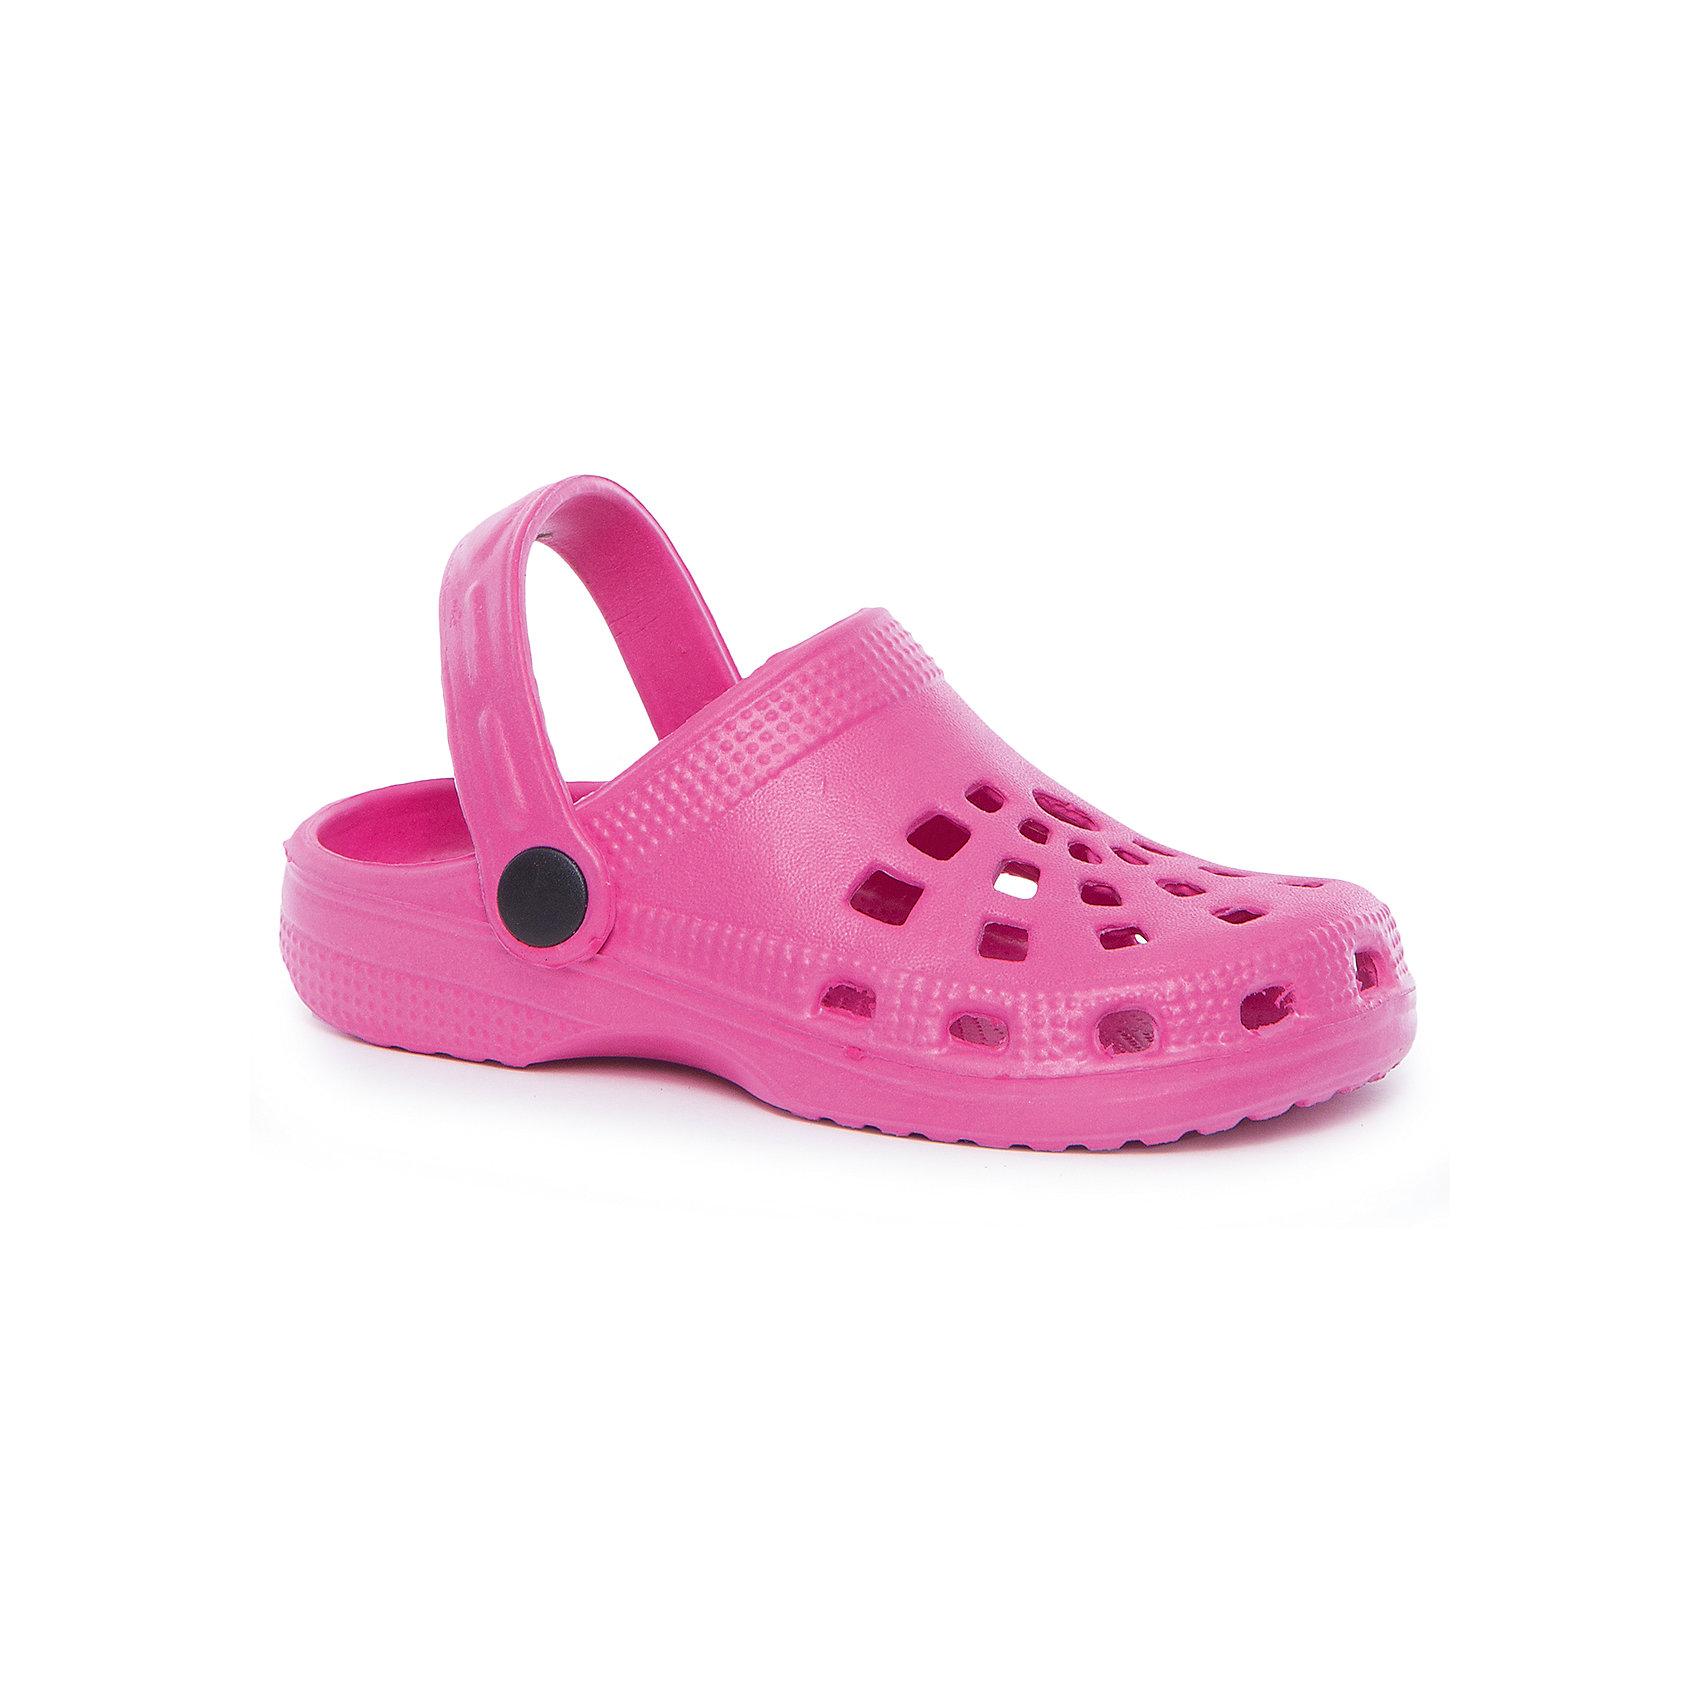 Пантолеты для девочки PlayTodayПантолеты для девочки PlayToday<br>Удобные пантолеты (кроксы) прекрасно подойдут и для поездки на пляж, и для дачи. Модель с подвижным запяточным ремнем, который можно откинуть , что позволяет легко снимать и одевать обувь. Изготовлены из легкого материала. Перфорация в верхней части обеспечивает вентиляцию ноги<br>Состав:<br>100% этилвинилацетат<br><br>Ширина мм: 225<br>Глубина мм: 139<br>Высота мм: 112<br>Вес г: 290<br>Цвет: розовый<br>Возраст от месяцев: 96<br>Возраст до месяцев: 108<br>Пол: Женский<br>Возраст: Детский<br>Размер: 32,28,29,30,31<br>SKU: 5404660